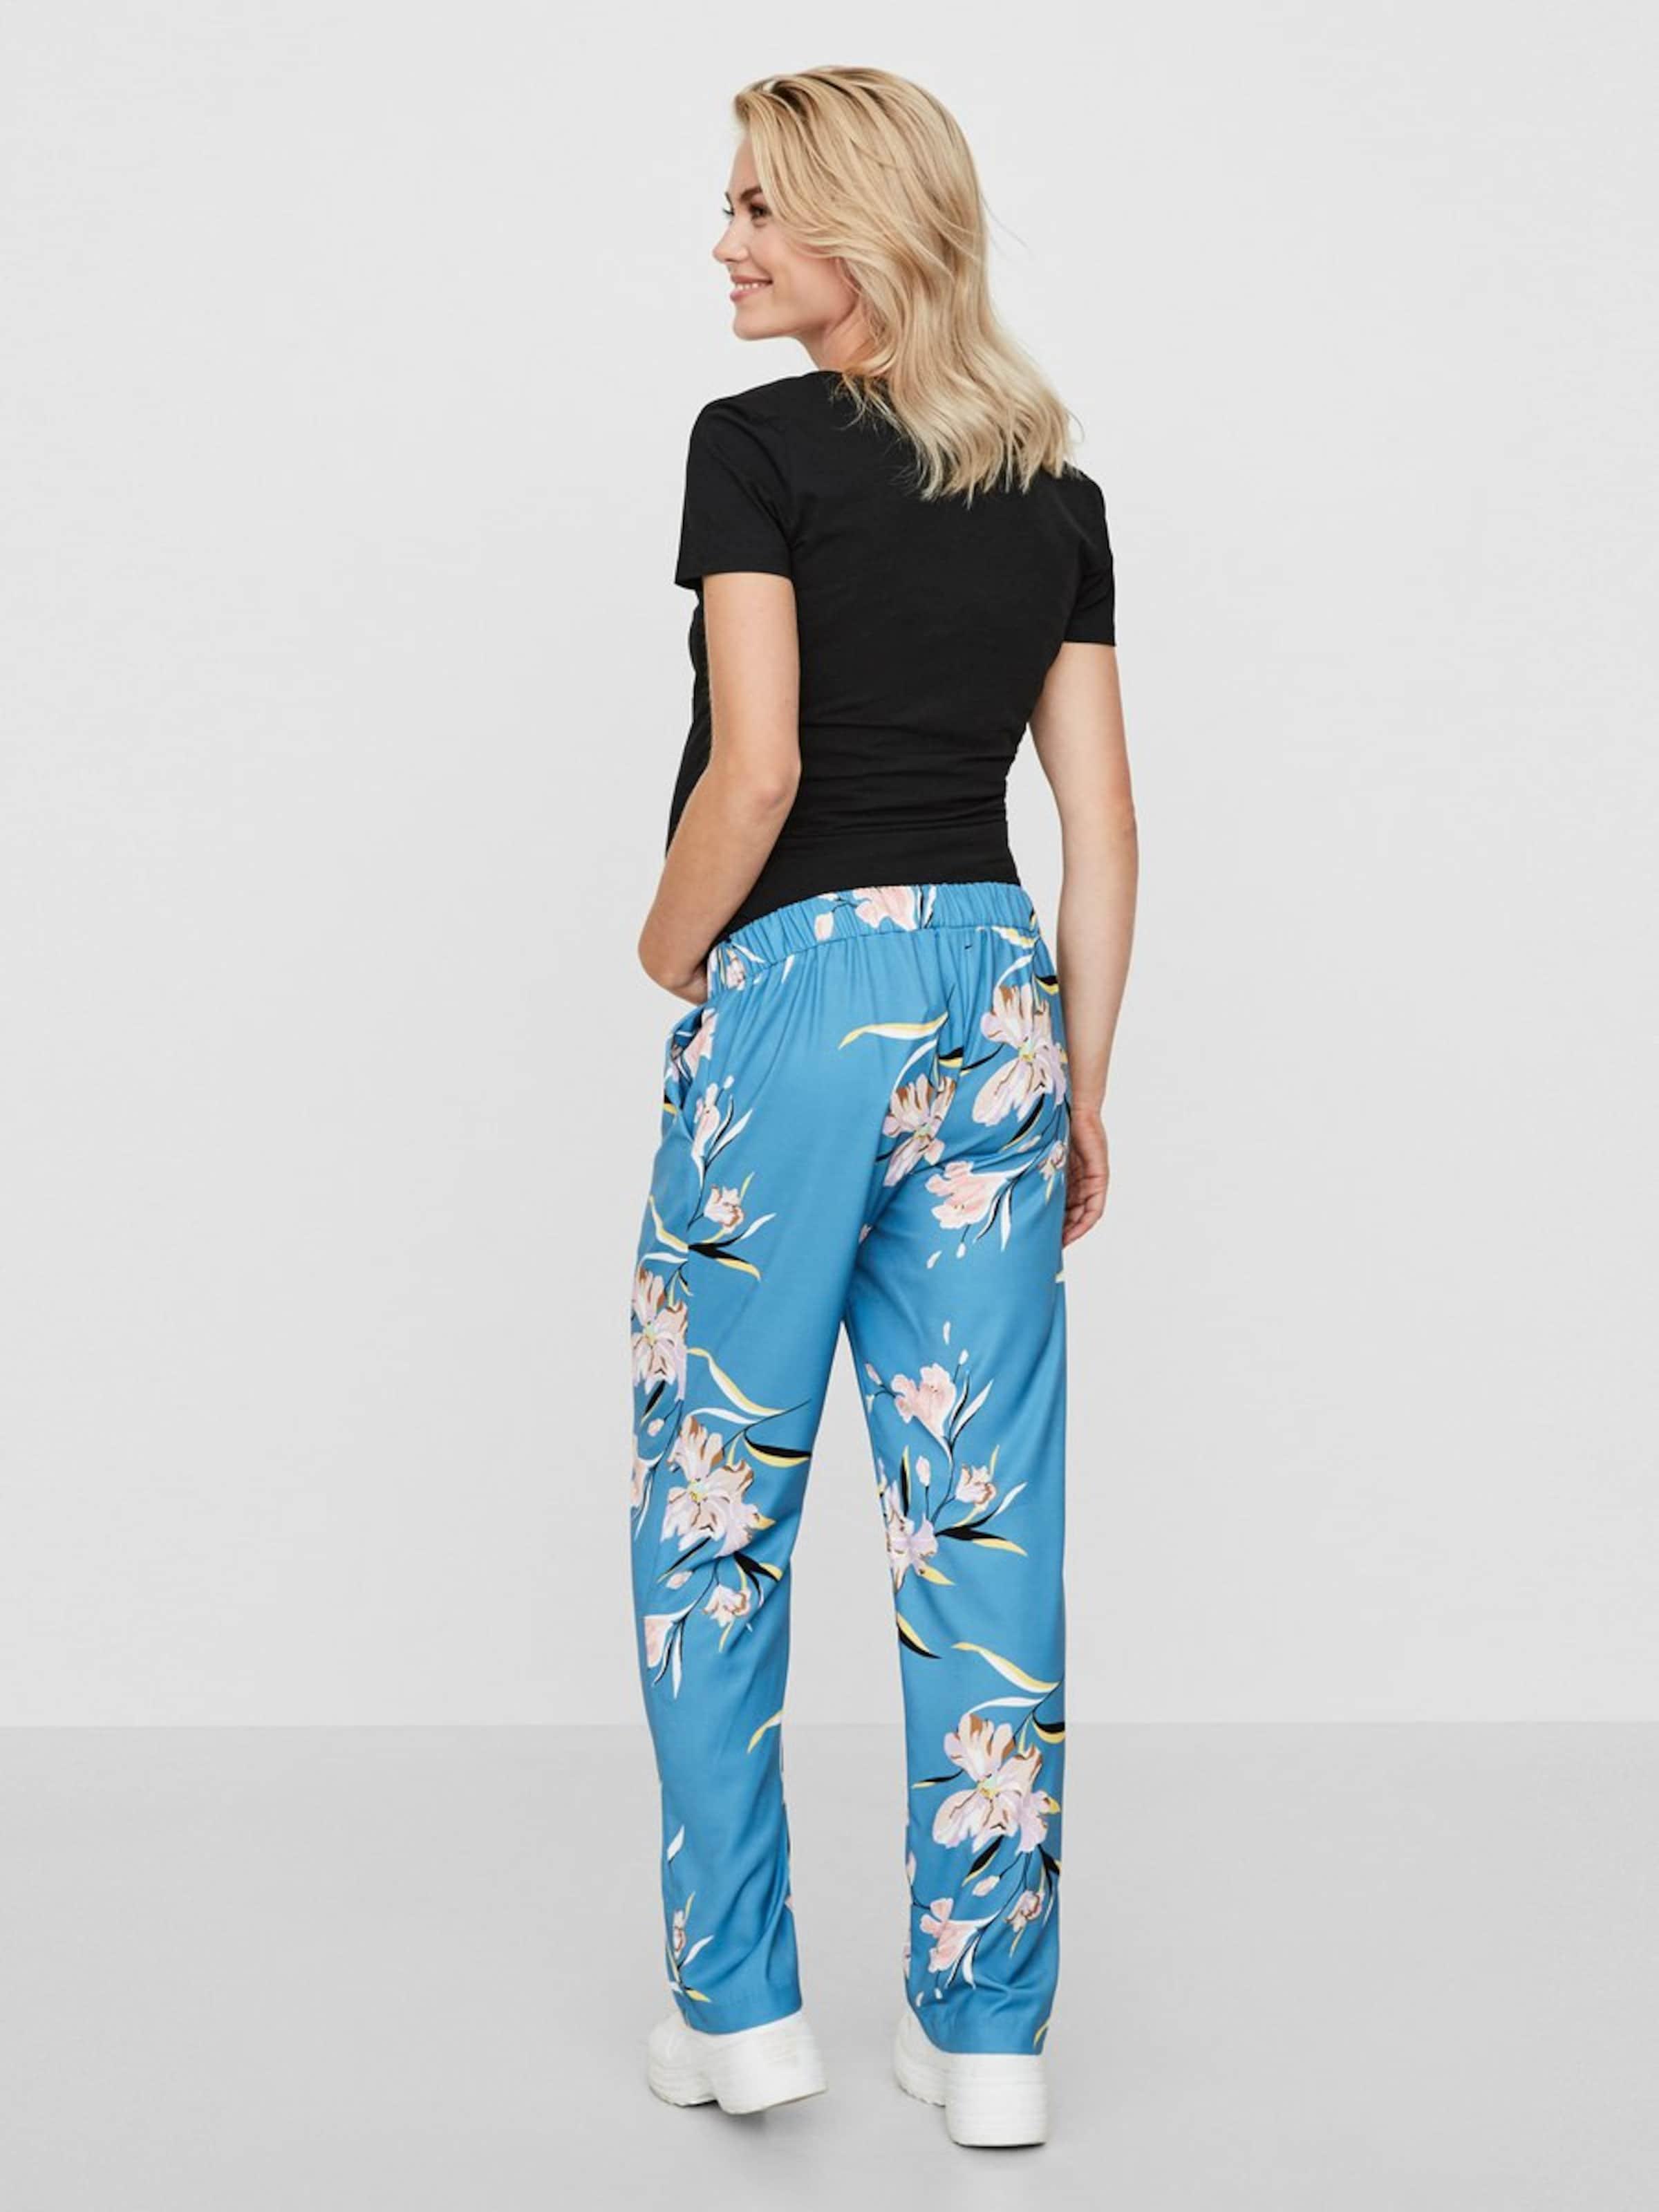 BeigeSable Marron Pantalon Bleu En Pastel Violet Noir Mamalicious Clair 0wmN8n